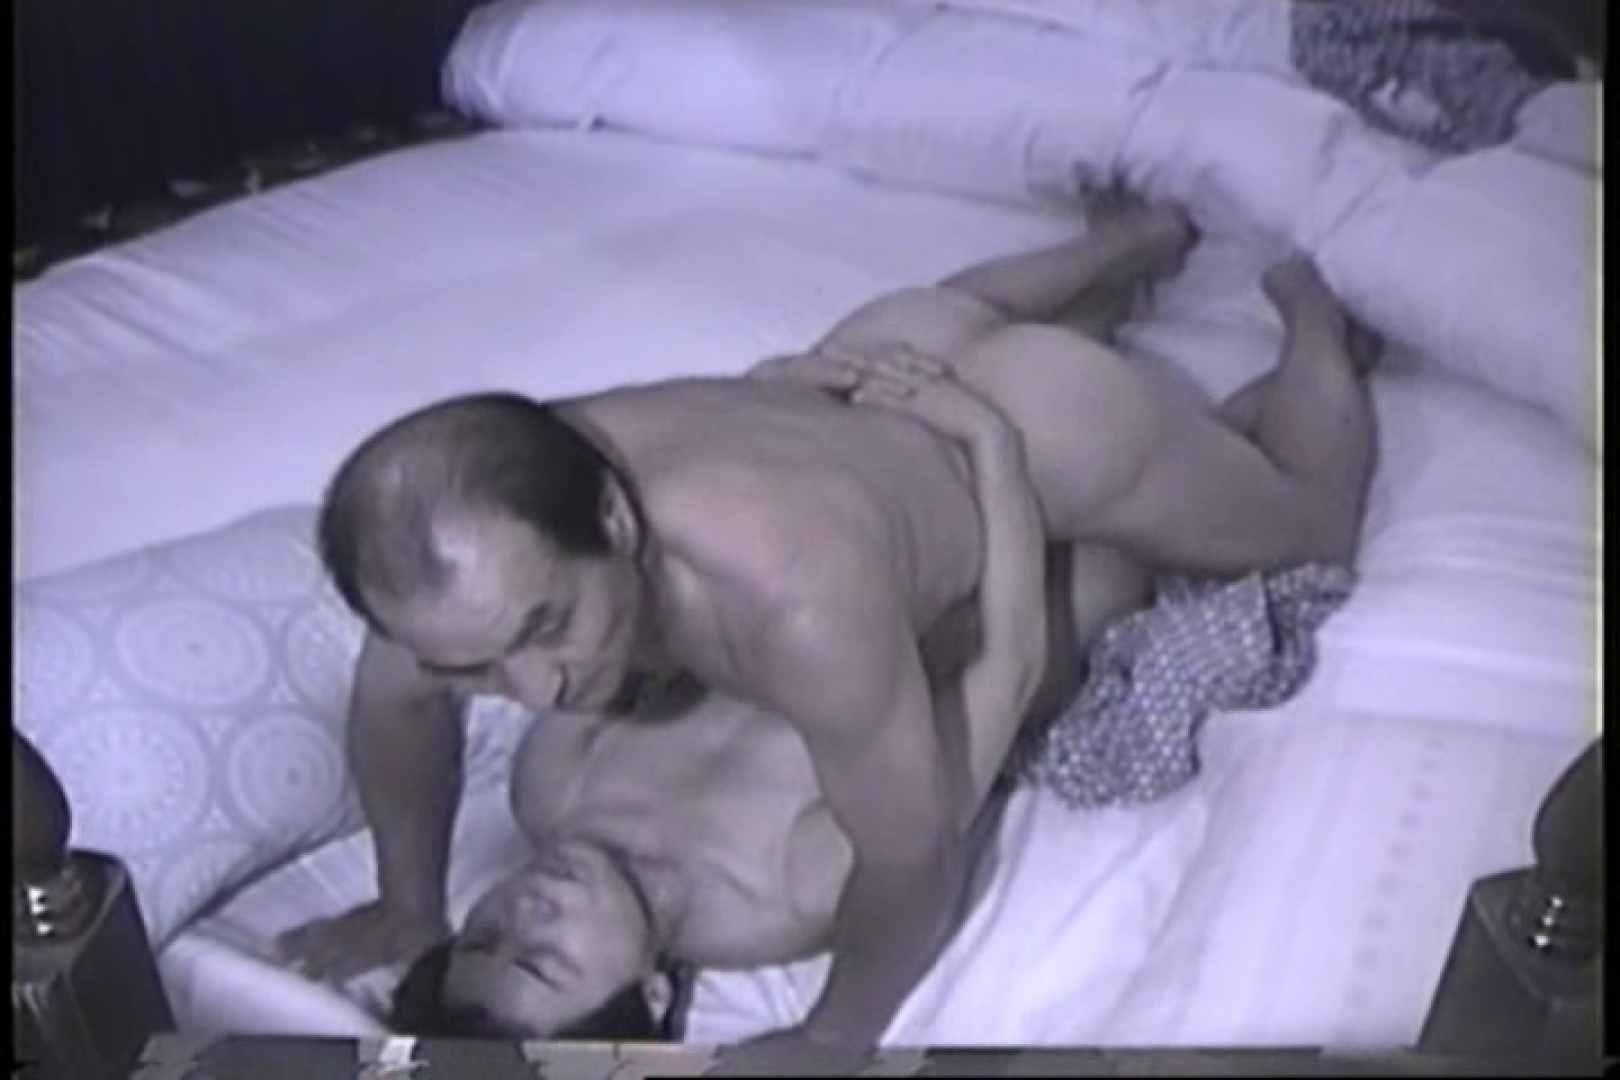 実録!ラブホテル~消し忘れ注意!昭和の色編~ vol.28 美しいOLの裸体 オマンコ動画キャプチャ 82pic 47